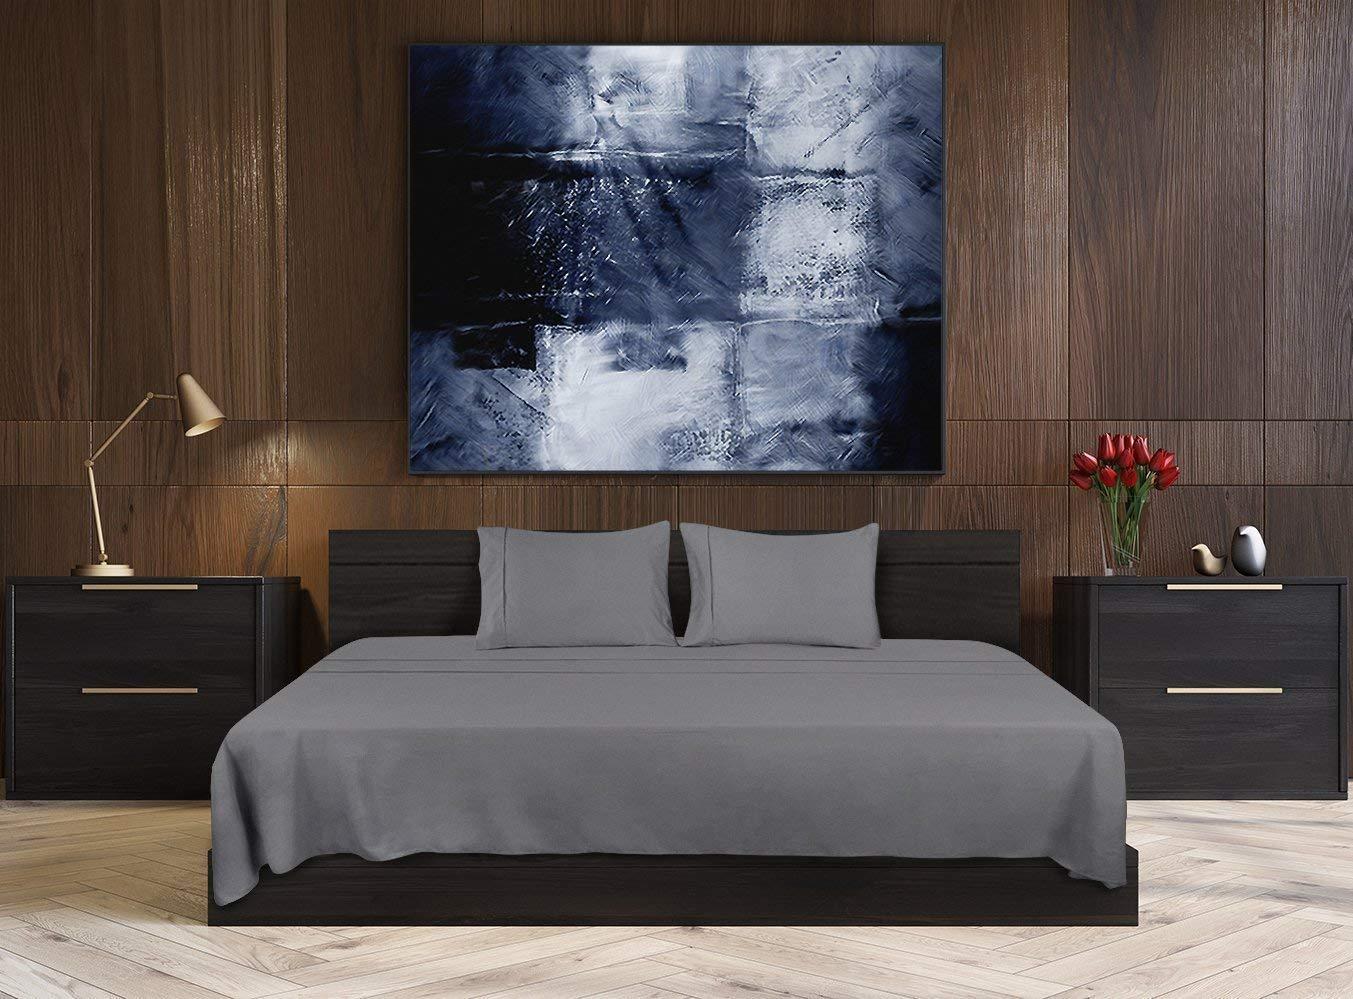 e97cfff74f Utopia Bedding - Set Lenzuola Letto - Spazzolata Microfibra - (Grigio, 2  Piazze): Amazon.it: Casa e cucina